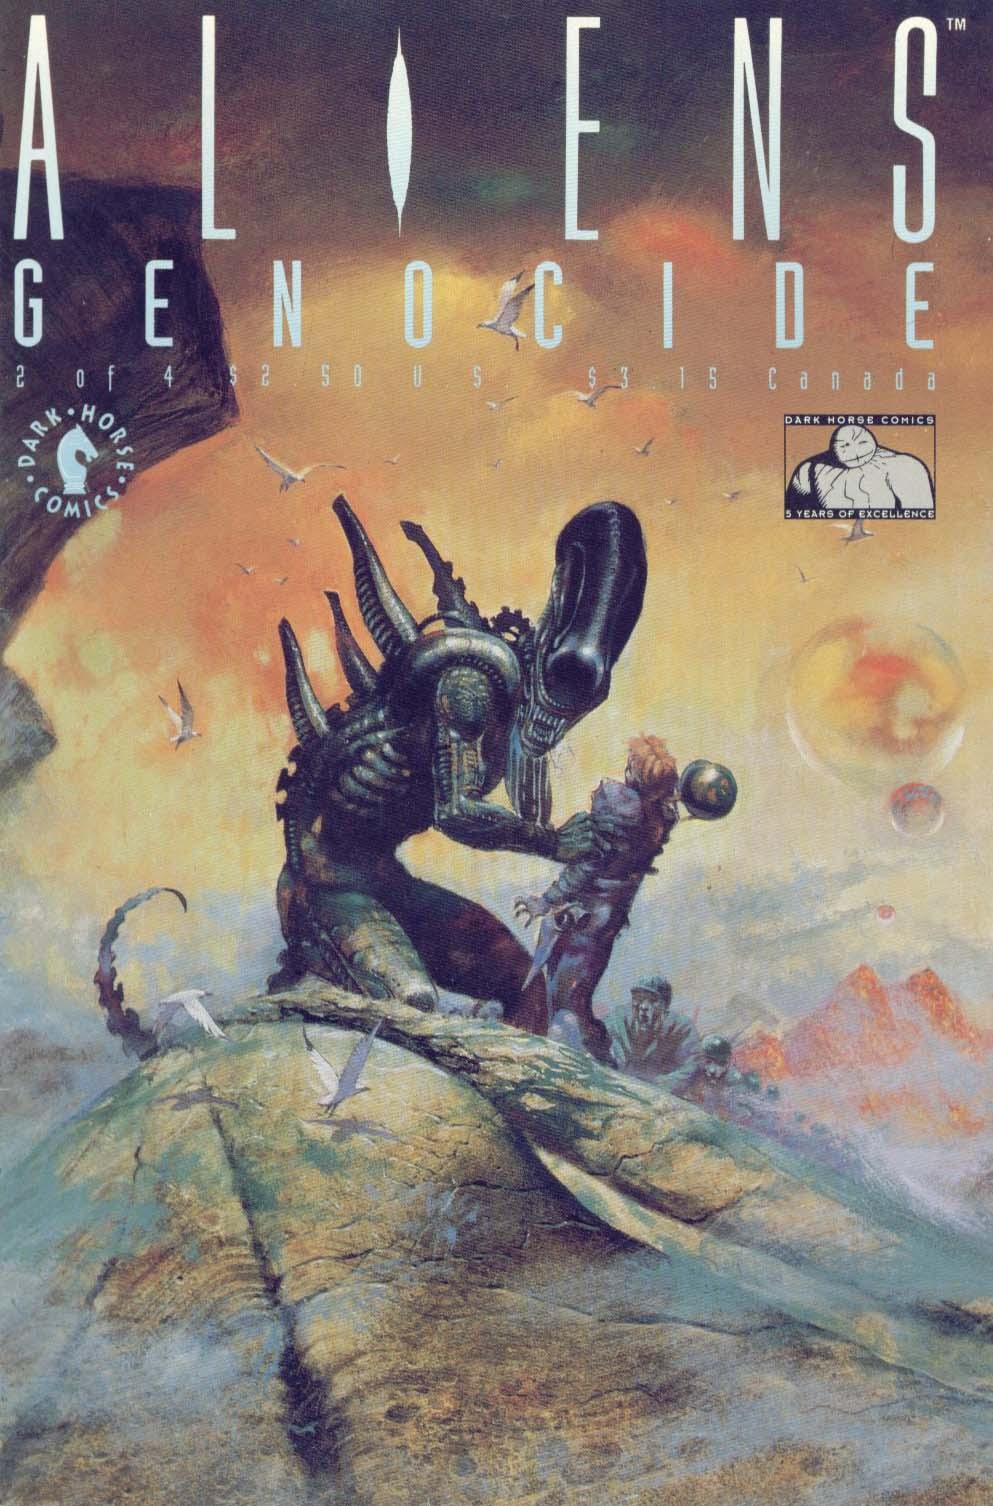 File:367314-21237-128533-1-aliens-genocide 2.jpg